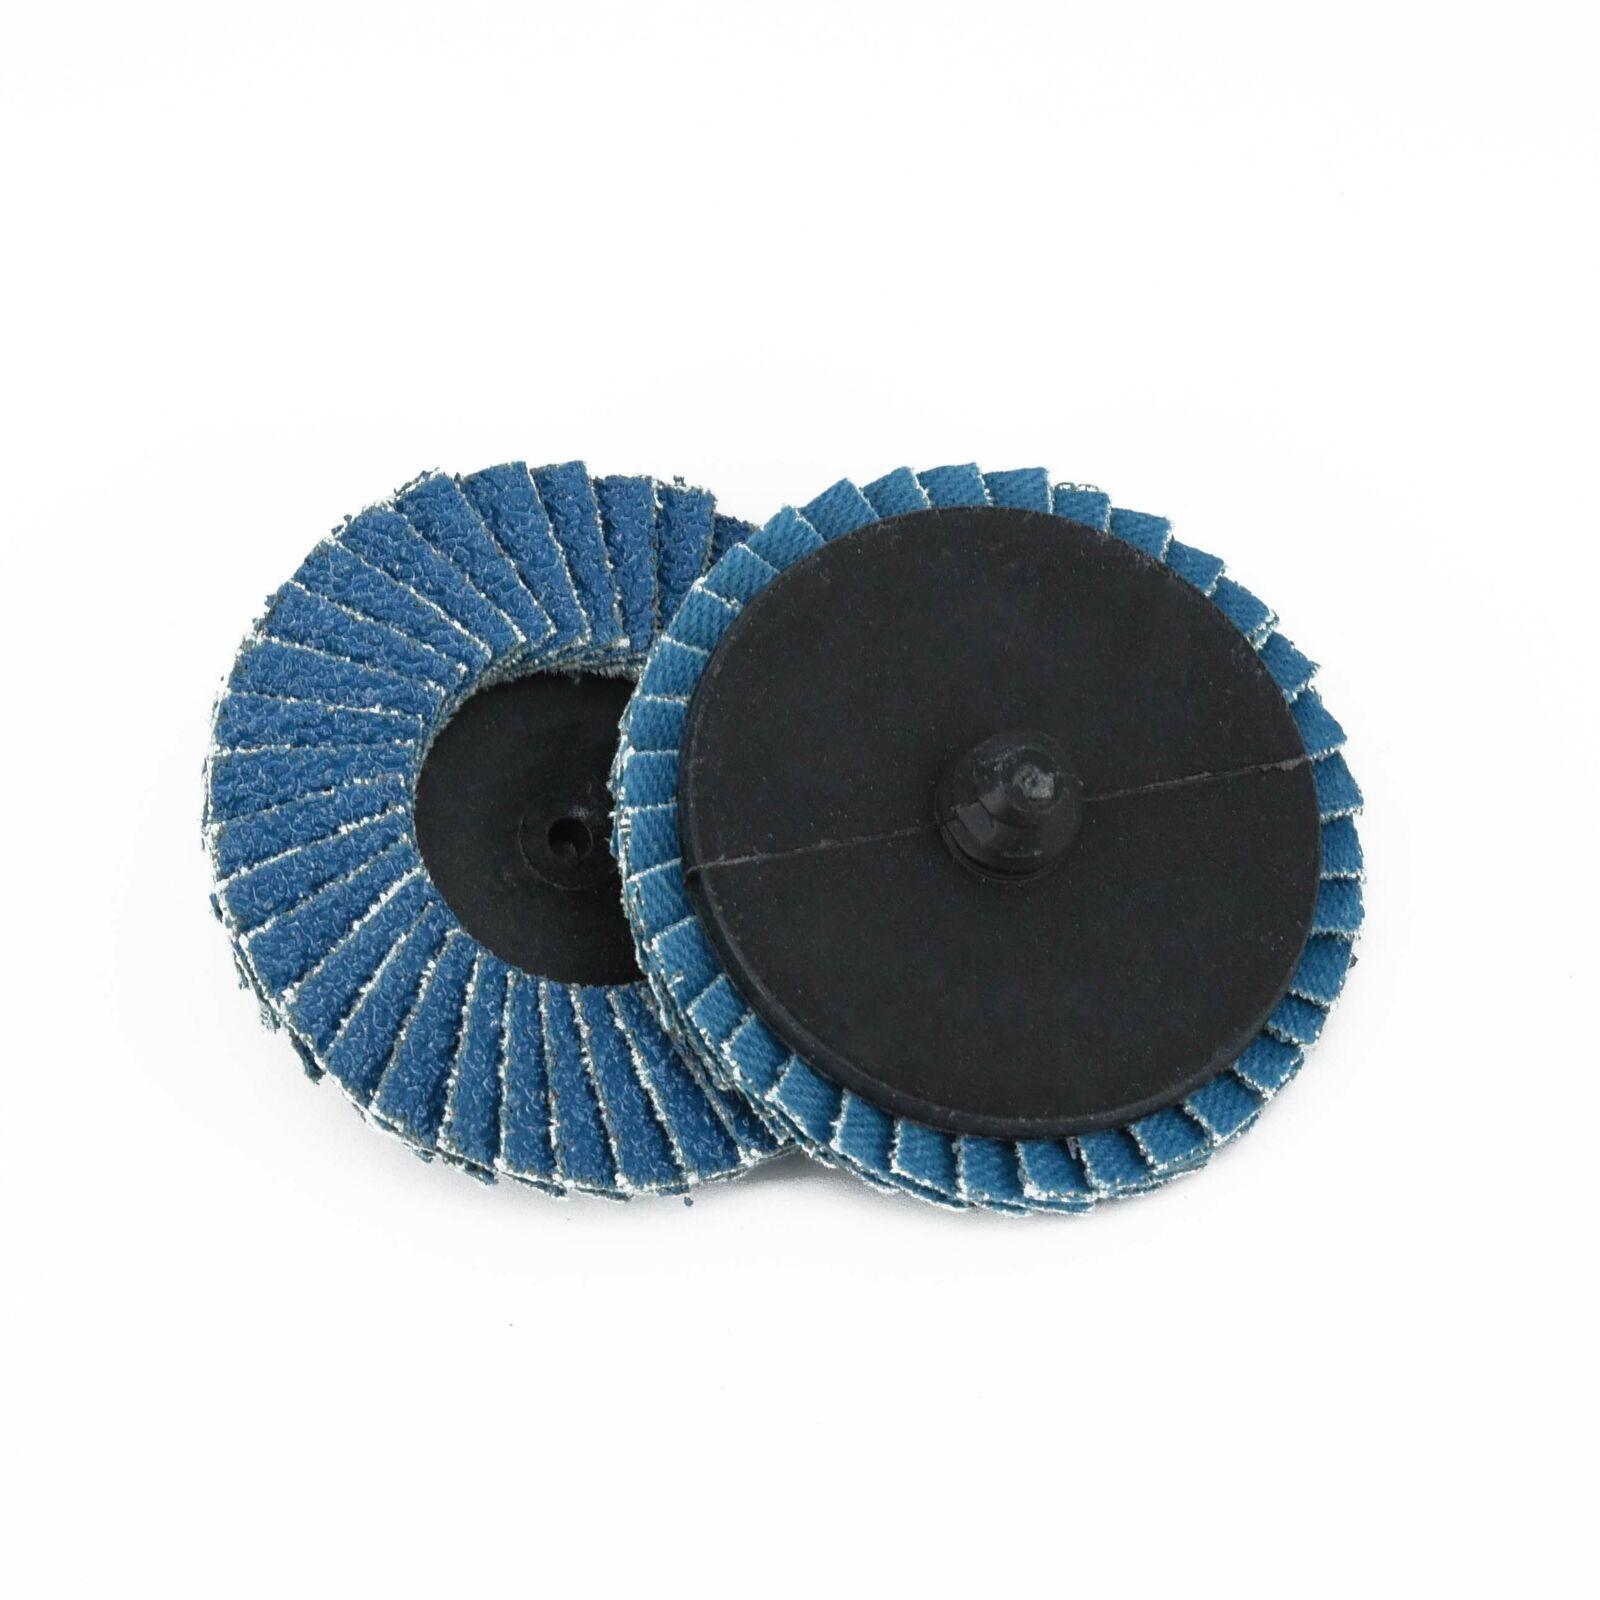 5Pcs 2Inch 60 Grit Round Flap Sanding Grinding Disc Wheel Set Blue Low Noise